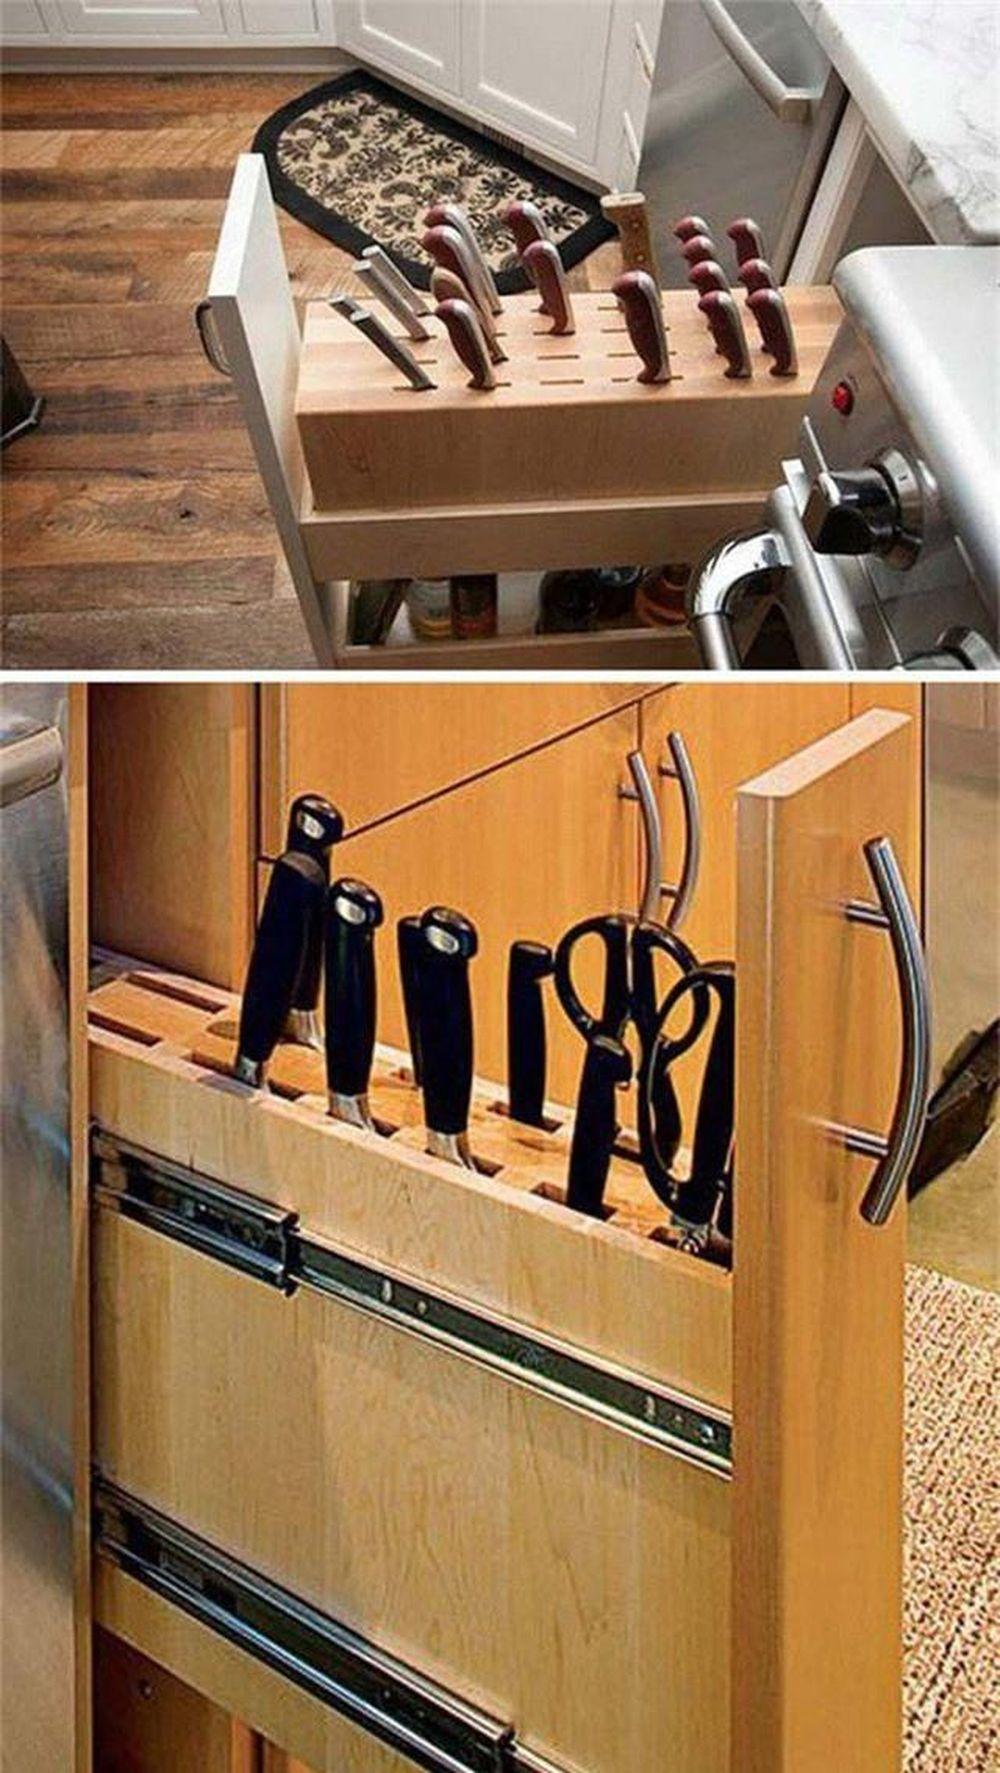 14 cách thông minh để dễ dàng sắp xếp tủ bếp gọn gàng, đẹp mắt ...